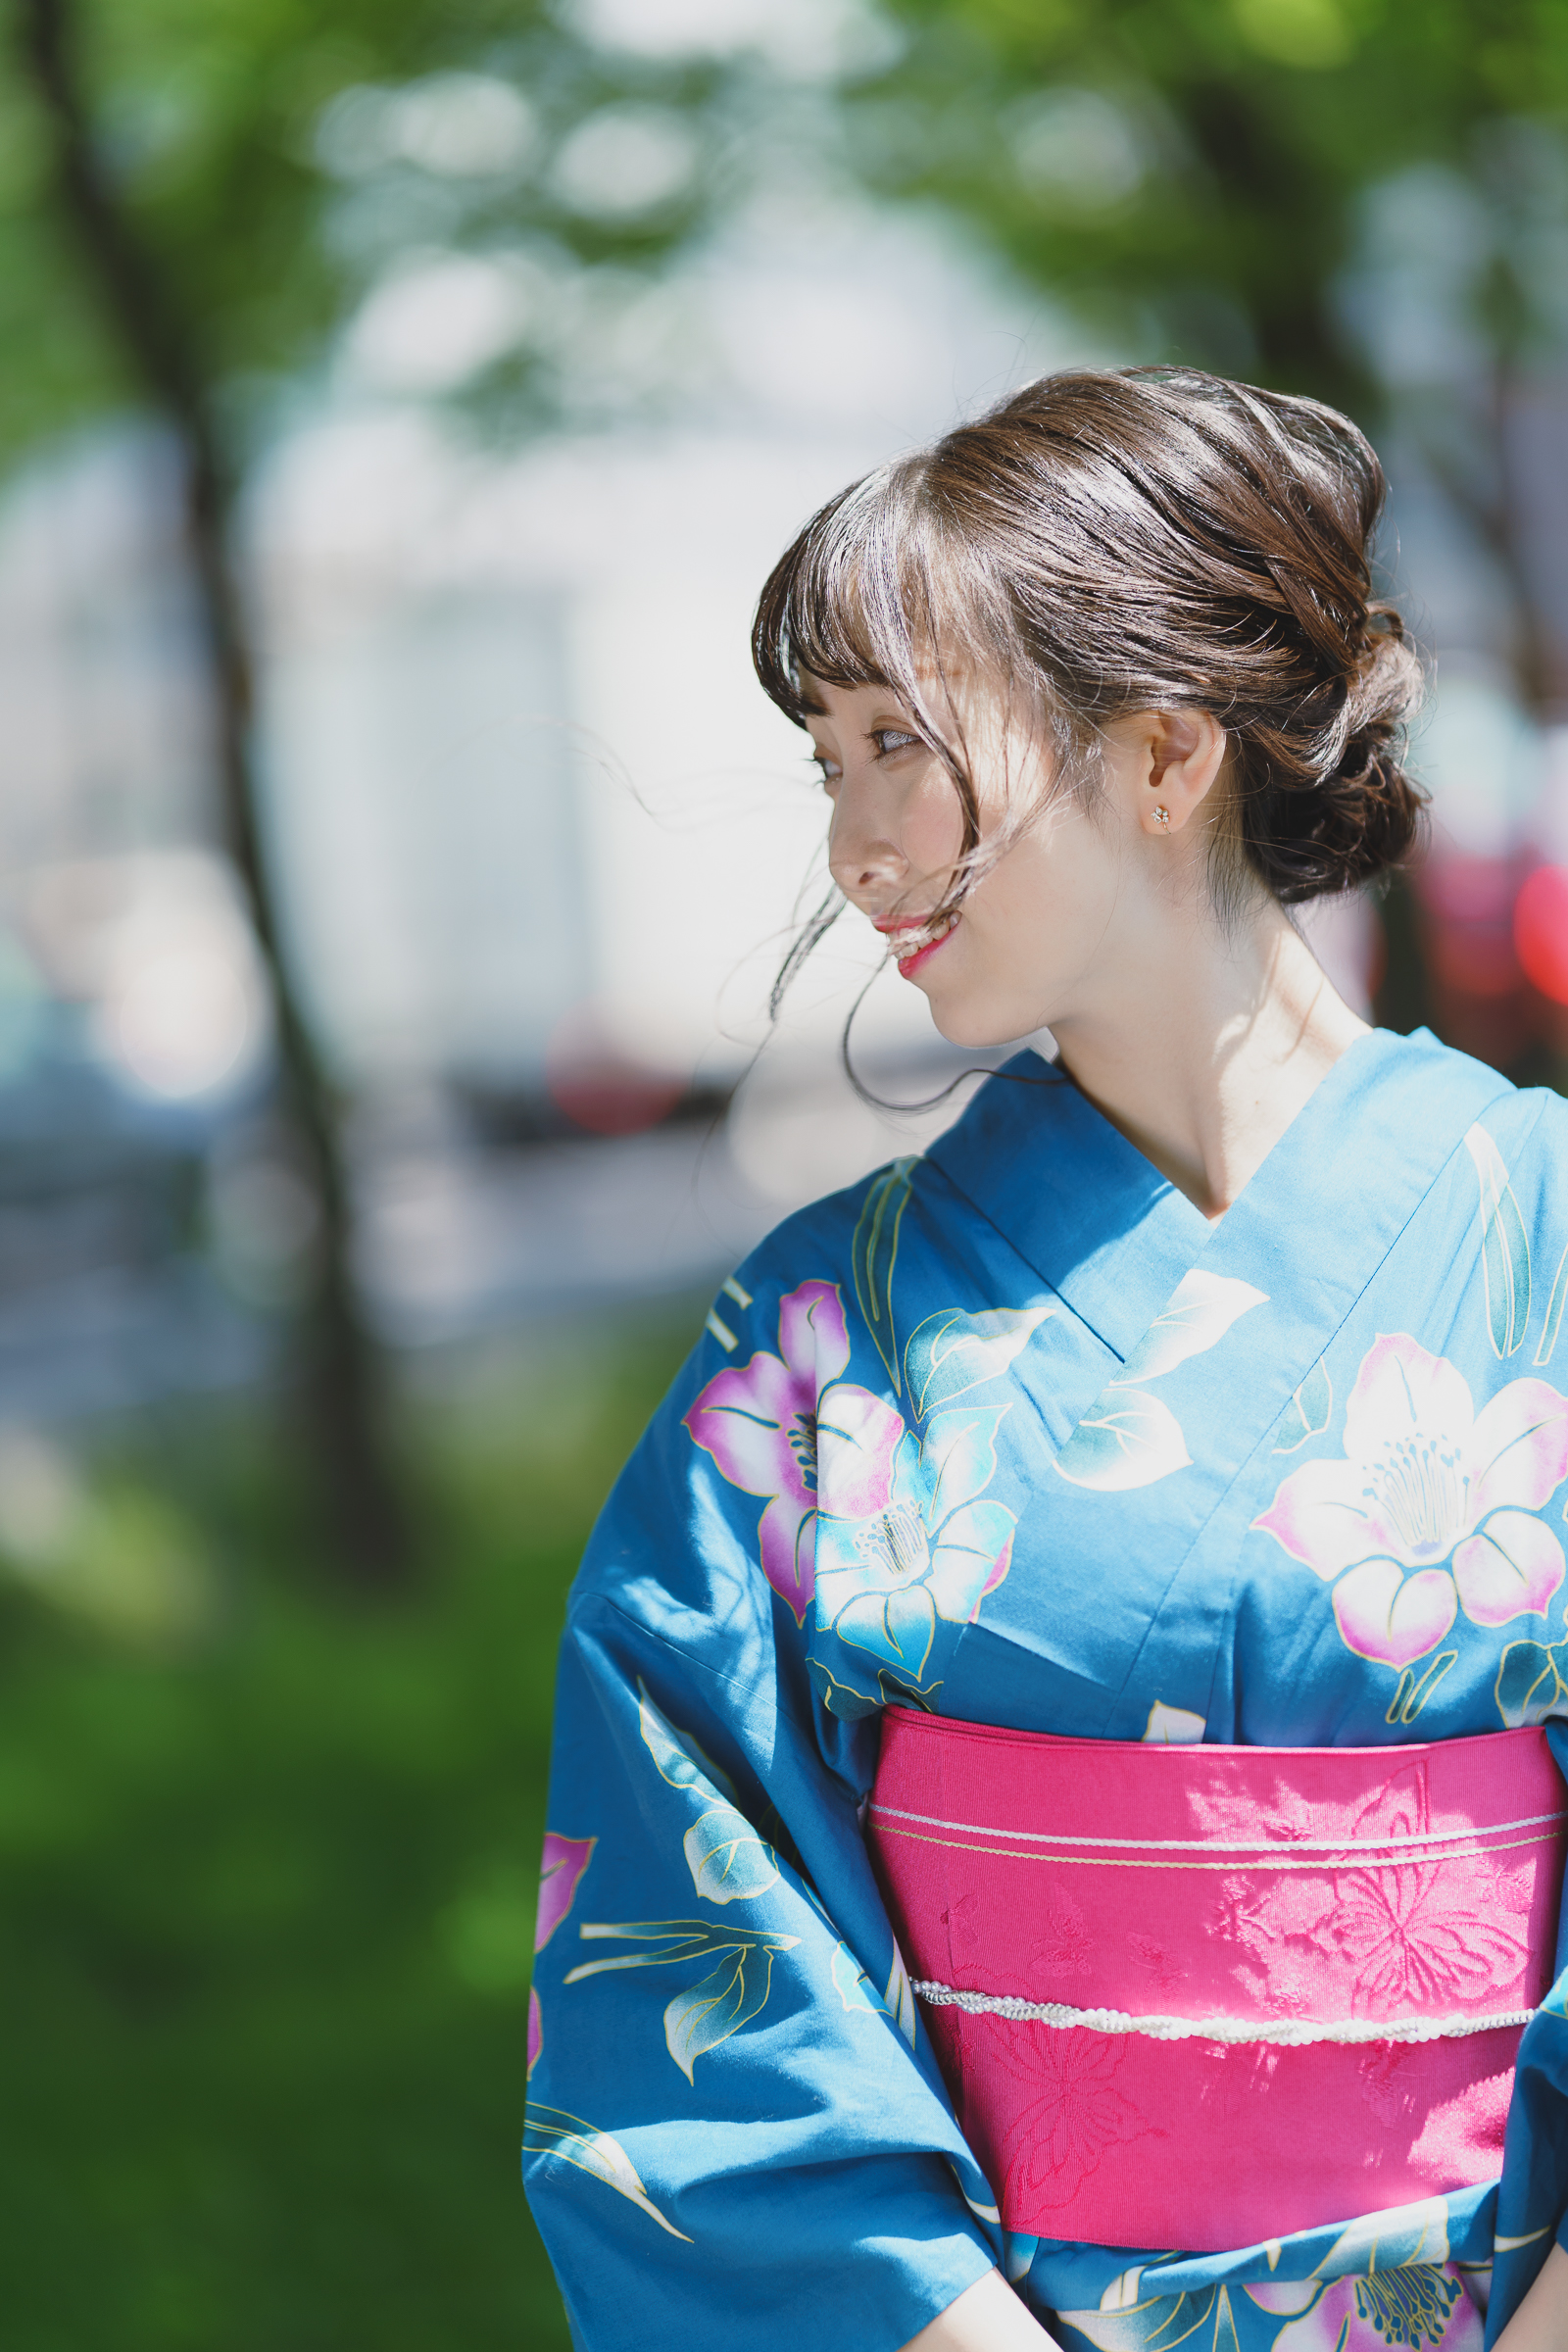 フルーティー♡ ゆいな ( 葉山結菜 ) | SMP 札幌モデルプロ 浴衣撮影会